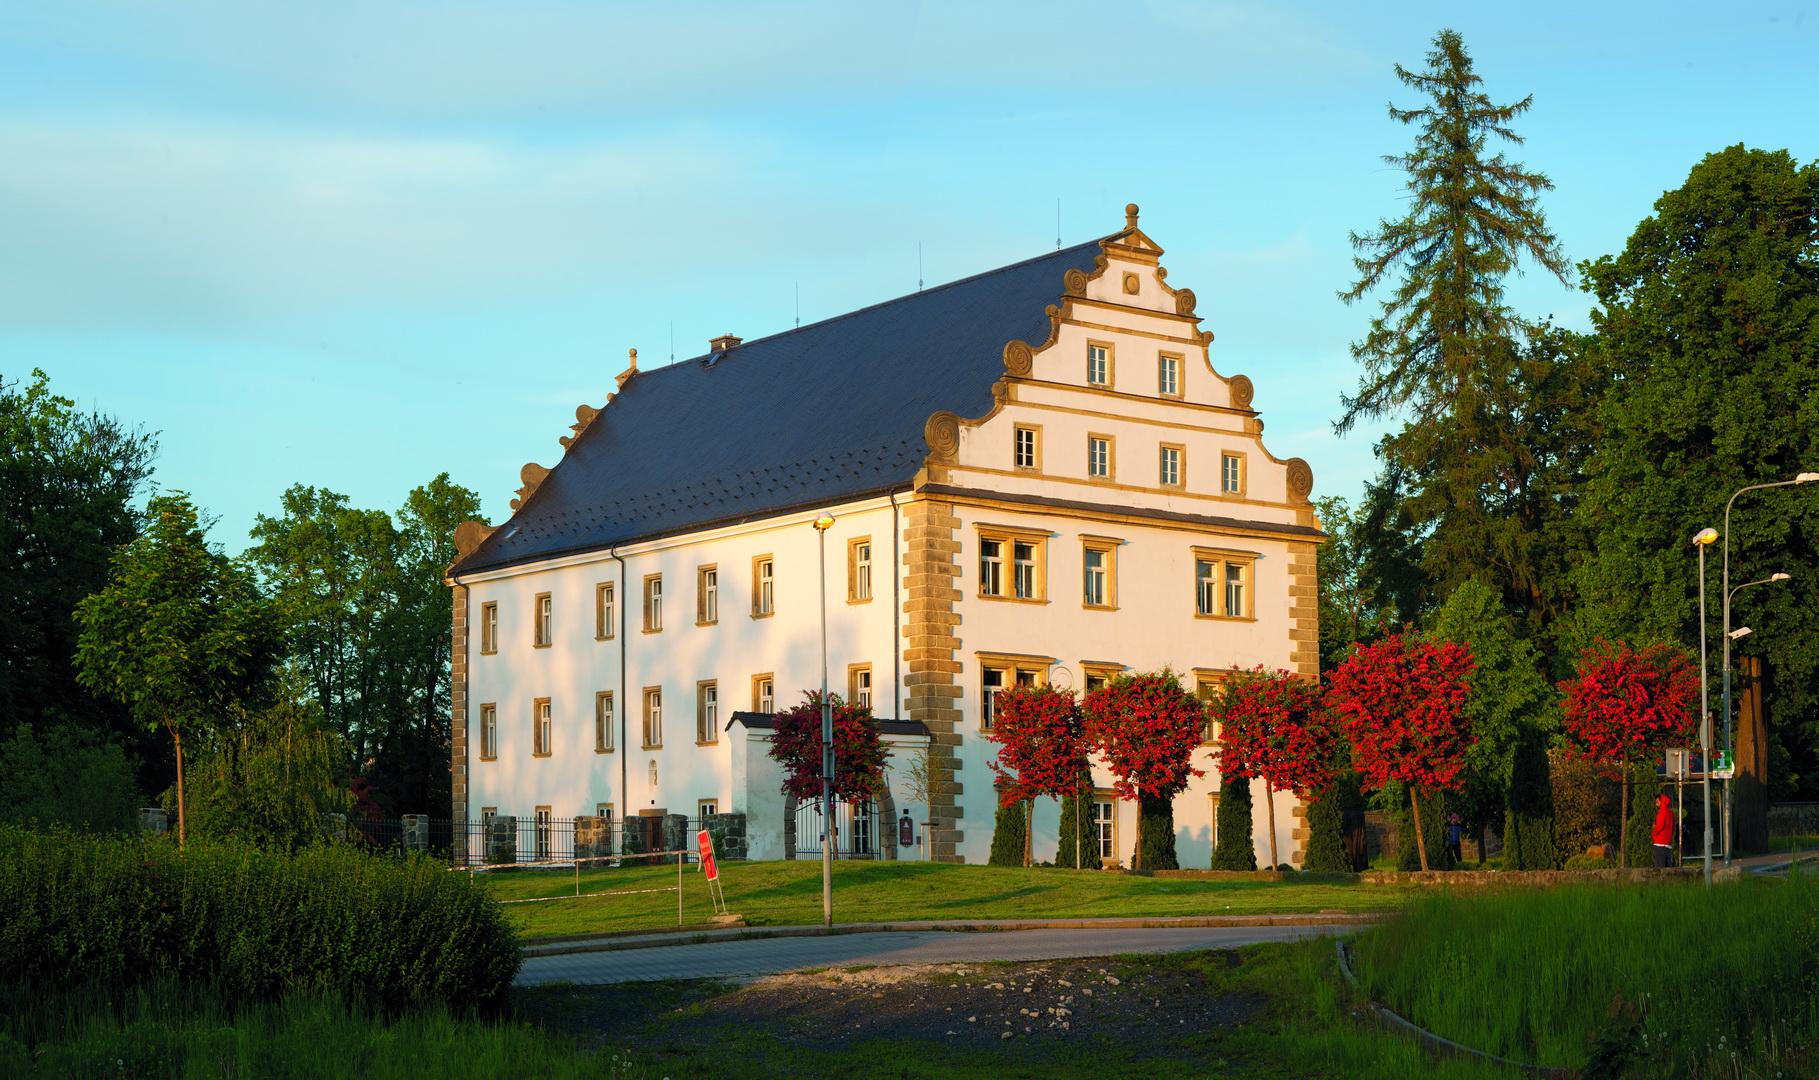 Šluknovský zámek znovu pro návštěvníky otevřen